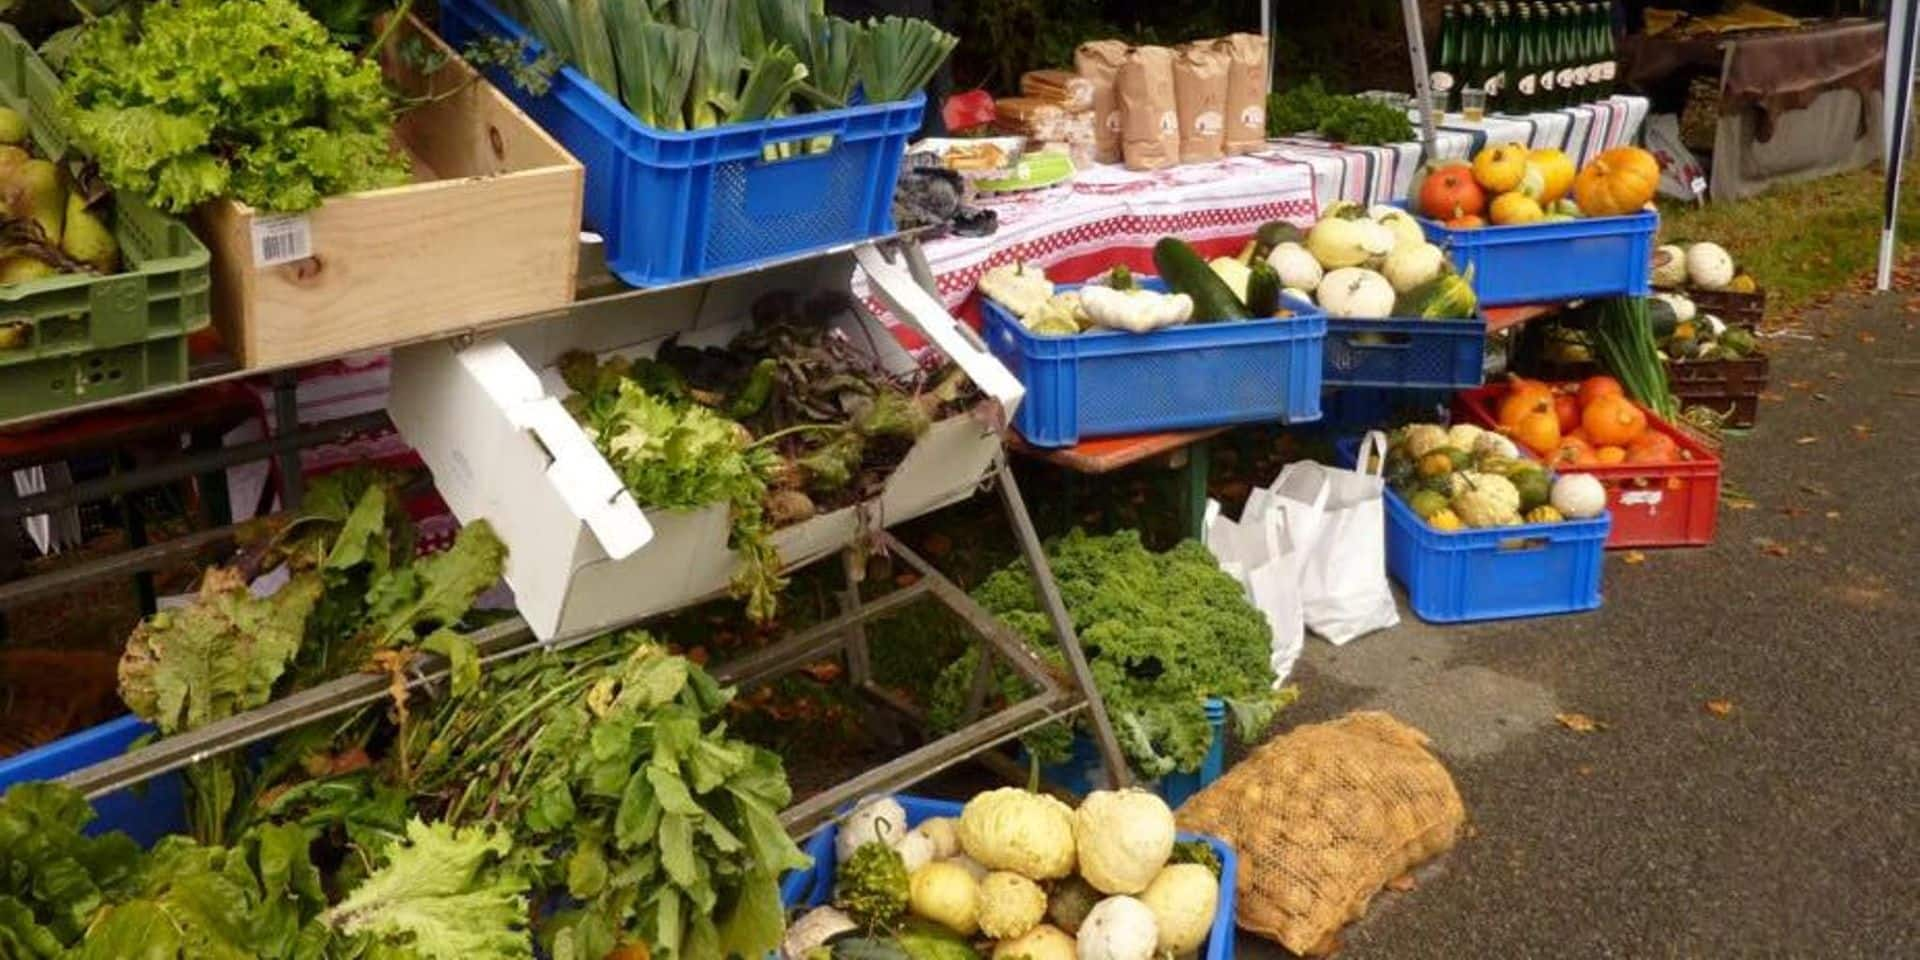 Le CPAS d'Ham-sur-Heure-Nalinnes s'associe avec Commun'Halle pour une alimentation saine et locale